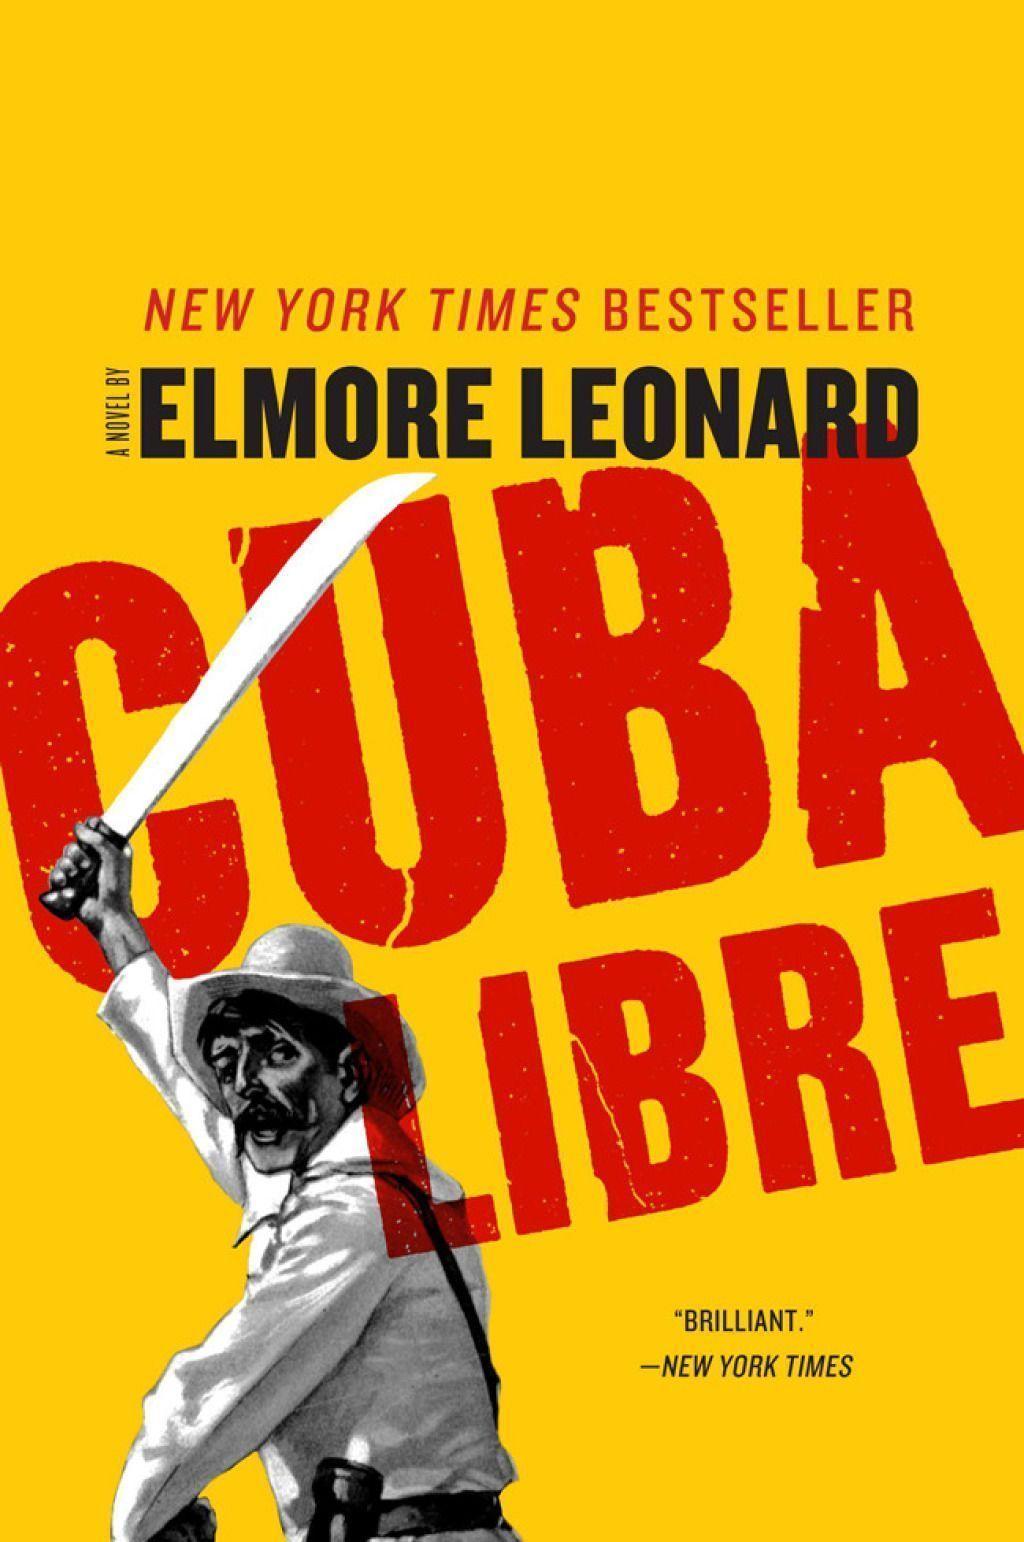 Cuba Libre (eBook) #cubalibre Cuba Libre (eBook) #historyofcuba Cuba Libre (eBook) #cubalibre Cuba Libre (eBook) #cubalibre Cuba Libre (eBook) #cubalibre Cuba Libre (eBook) #historyofcuba Cuba Libre (eBook) #cubalibre Cuba Libre (eBook) #cubalibre Cuba Libre (eBook) #cubalibre Cuba Libre (eBook) #historyofcuba Cuba Libre (eBook) #cubalibre Cuba Libre (eBook) #cubalibre Cuba Libre (eBook) #cubalibre Cuba Libre (eBook) #historyofcuba Cuba Libre (eBook) #cubalibre Cuba Libre (eBook) #historyofcuba